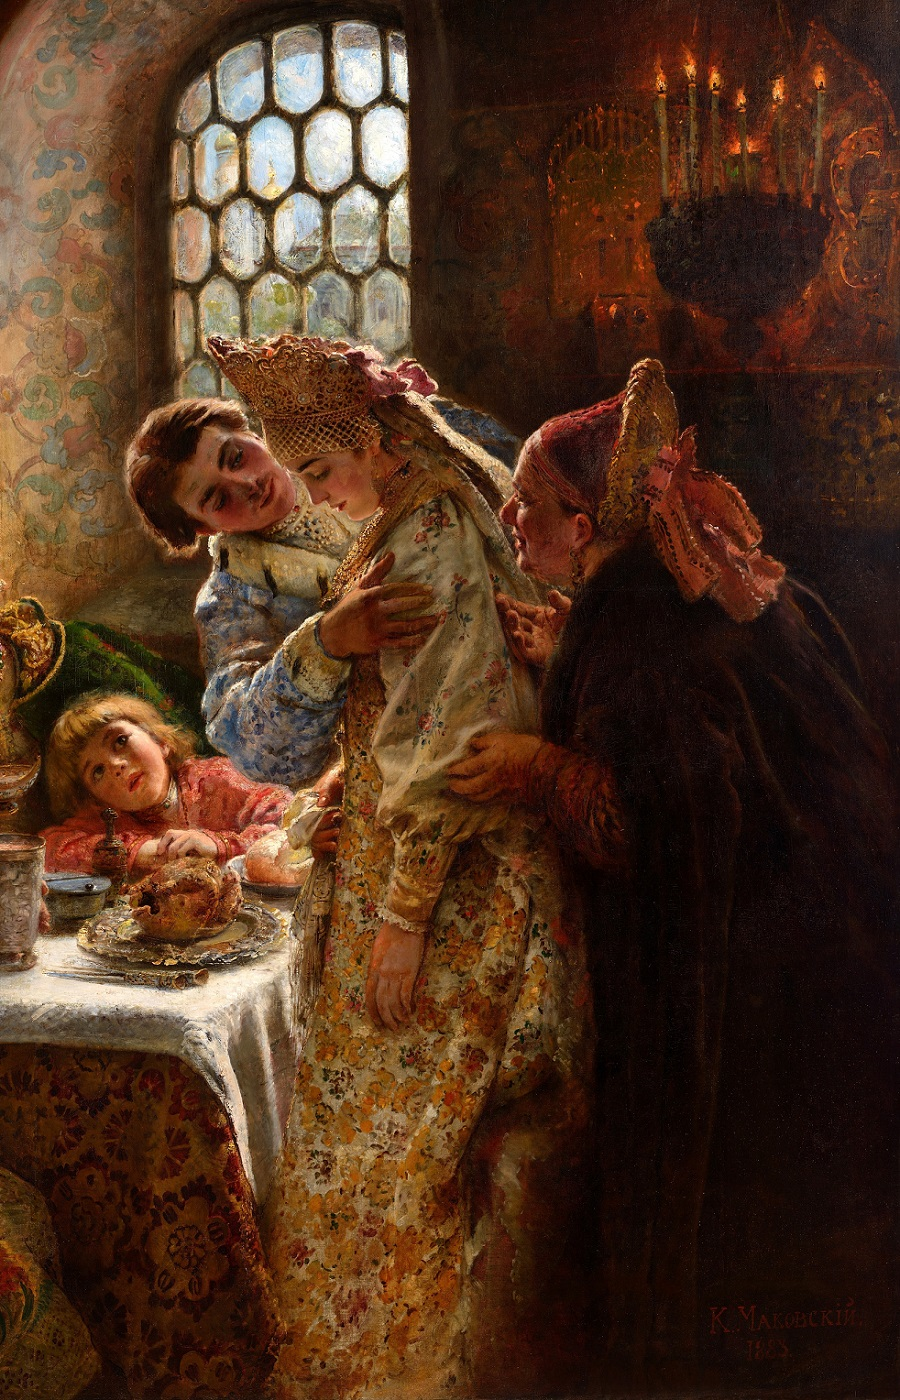 Боярский свадебный пир в XVII веке. 1883.